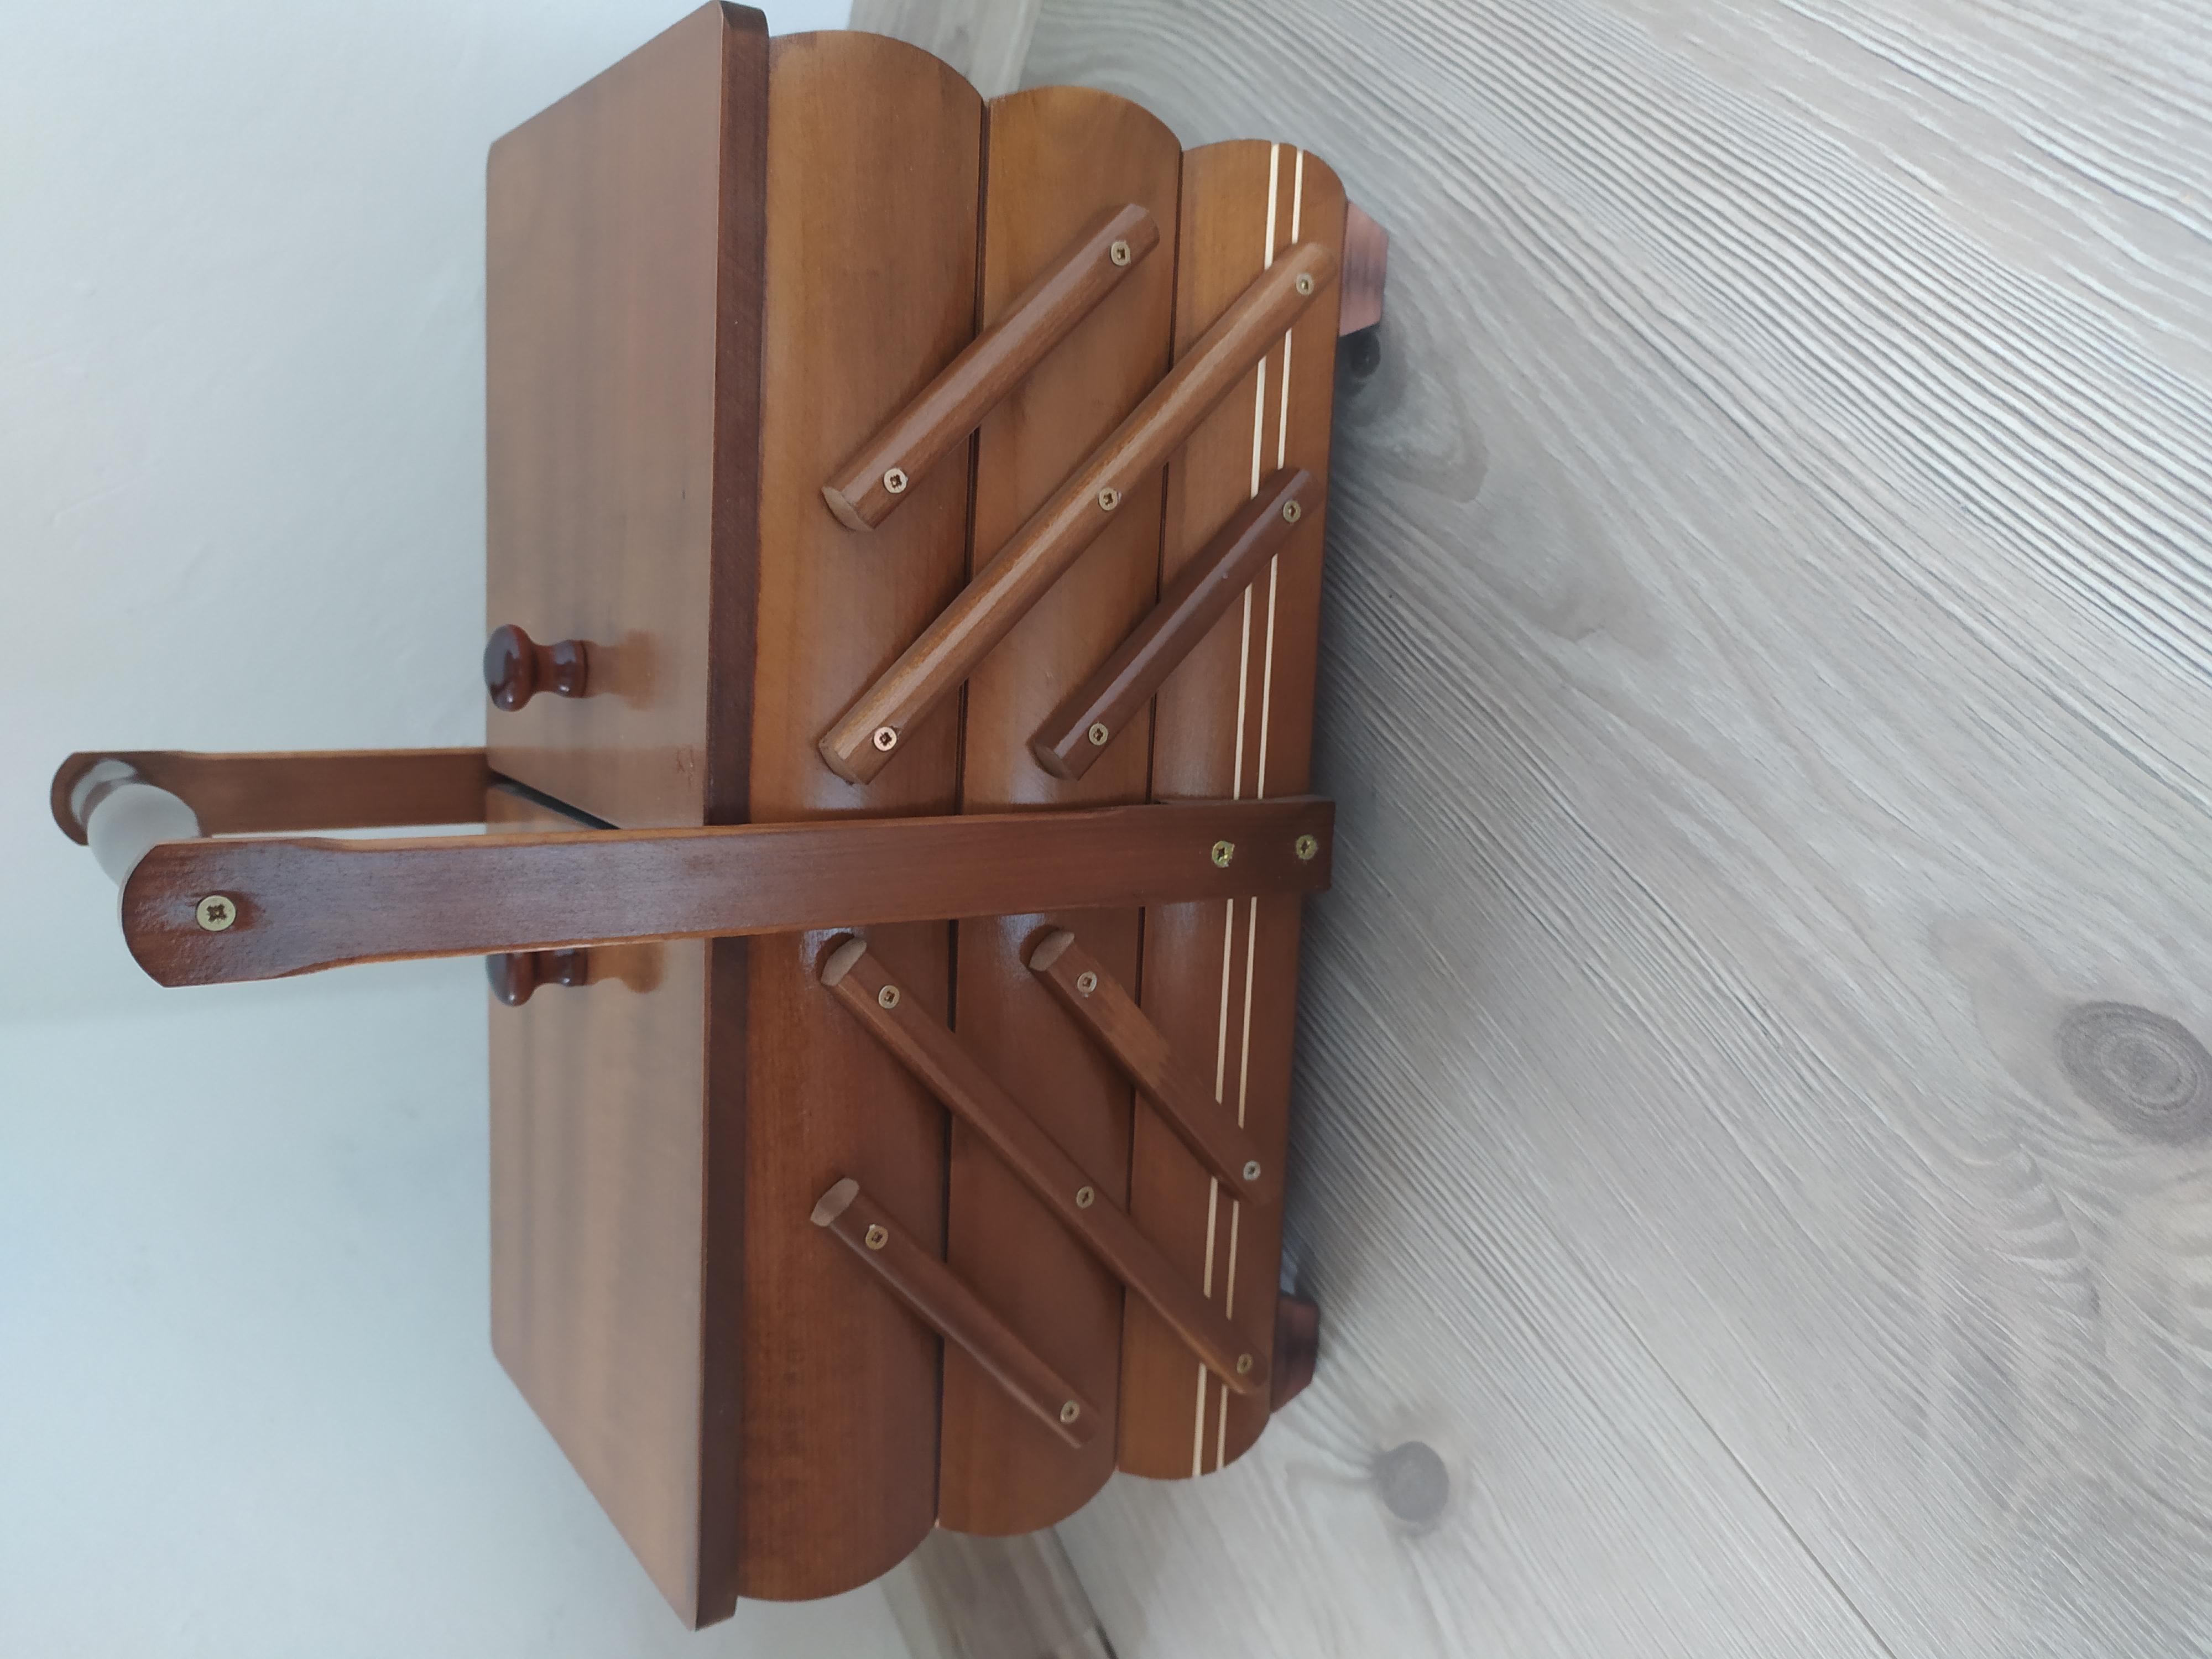 Kazeta na šití dřevěná rozkládací středně hnědá menší